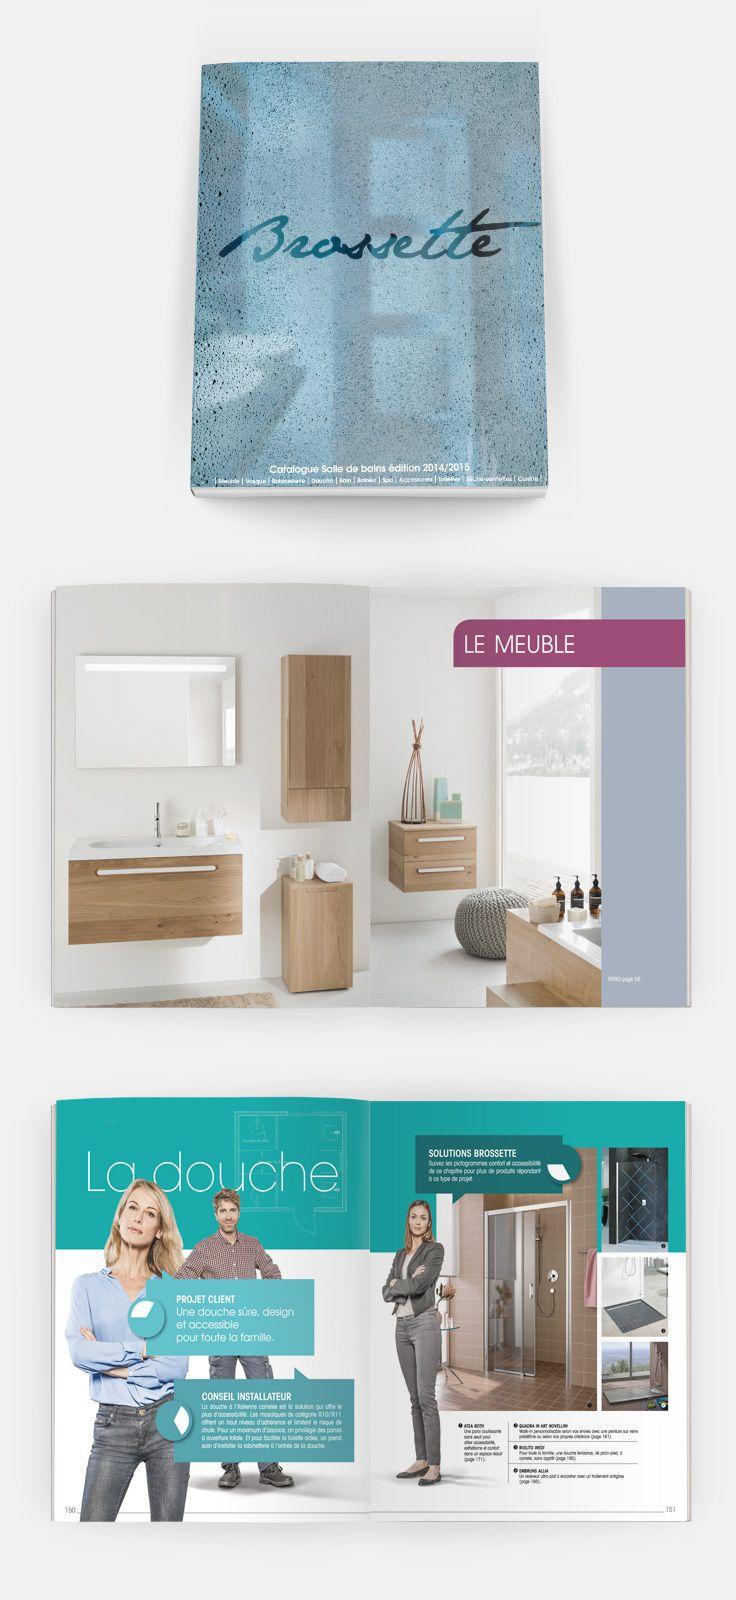 Les Nouveautes Salle De Bains 2014 A Decouvrir Dans Le Catalogue Brossette Ops2 Salle De Bain Salle Bains